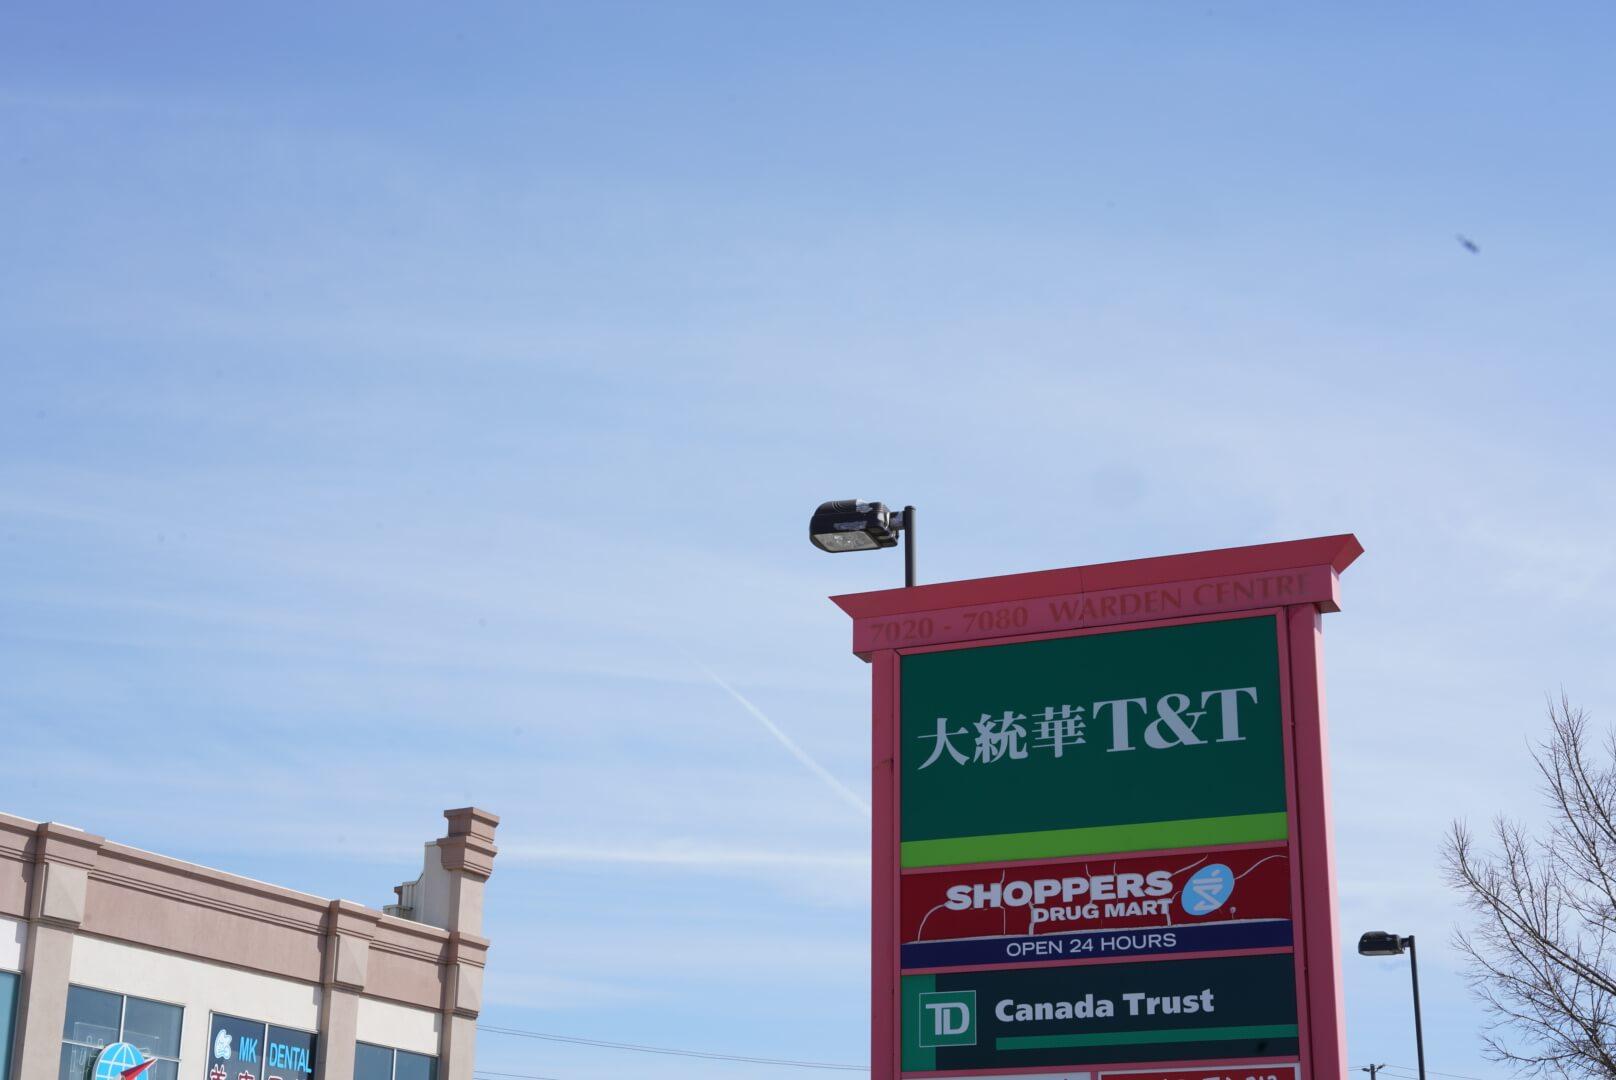 カナダのアジア系スーパー「T&T」の看板